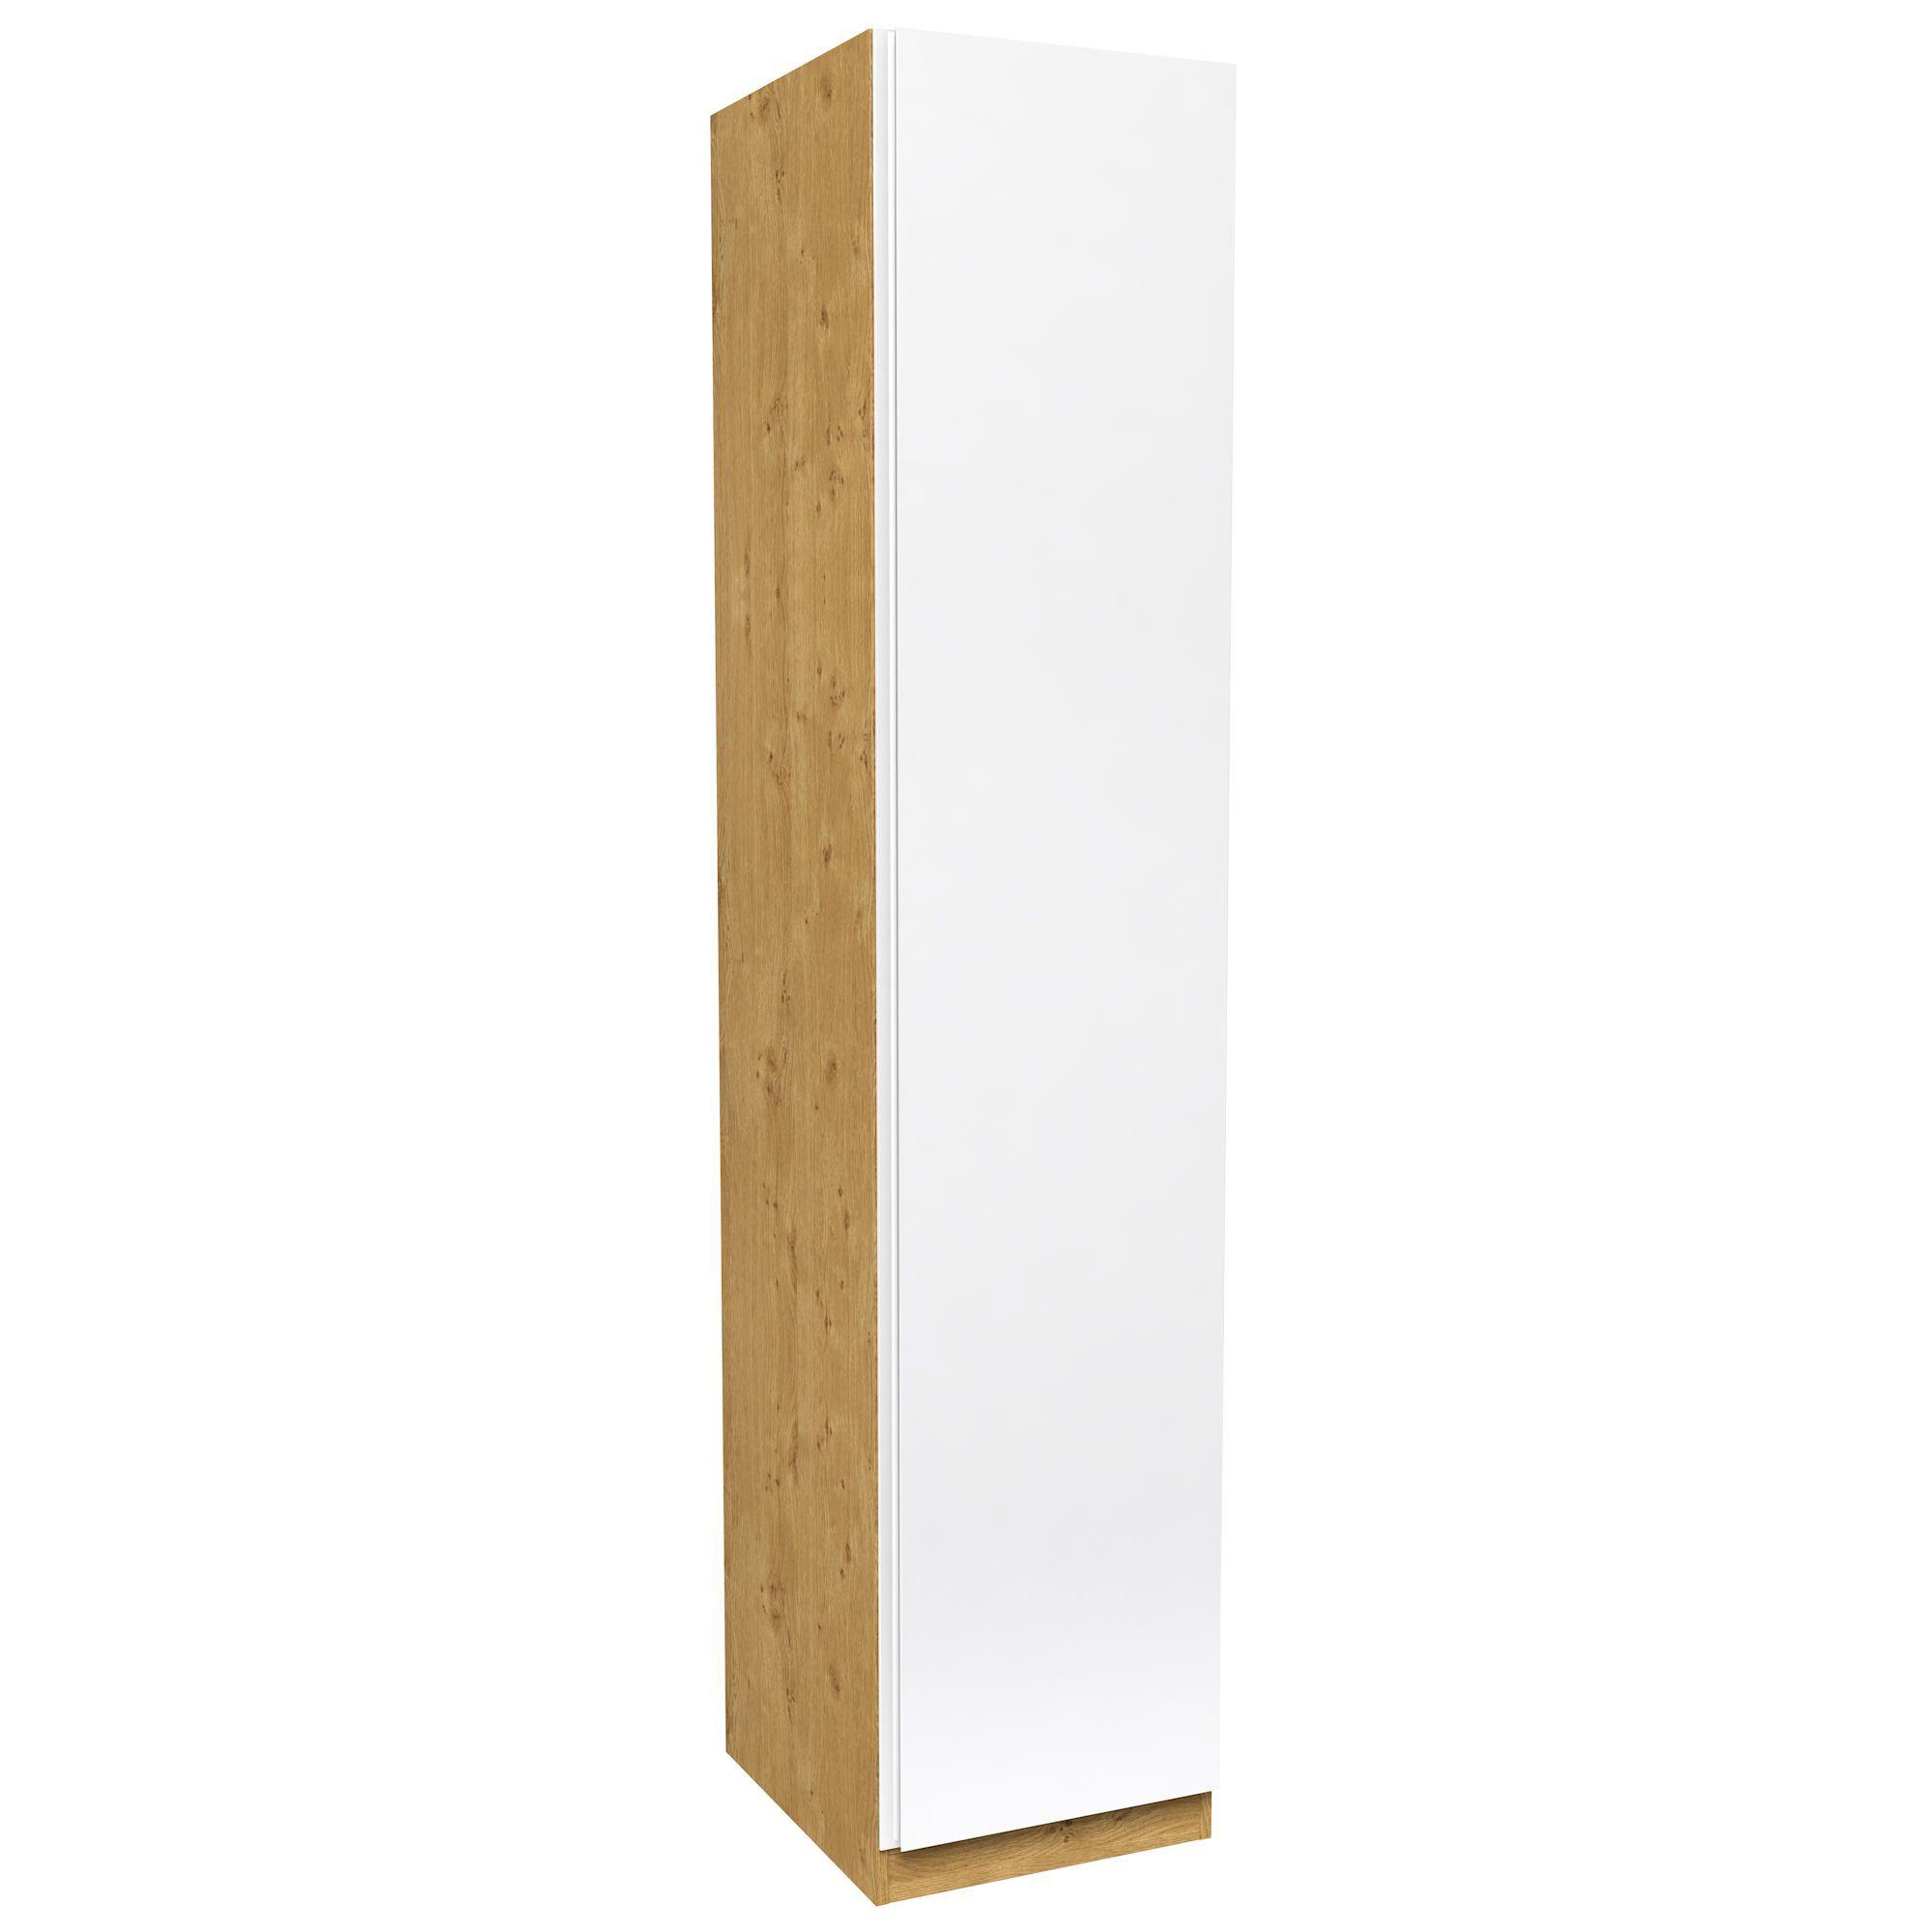 Darwin White & Oak Effect 1 Door Wardrobe (h)2356mm (w)499mm